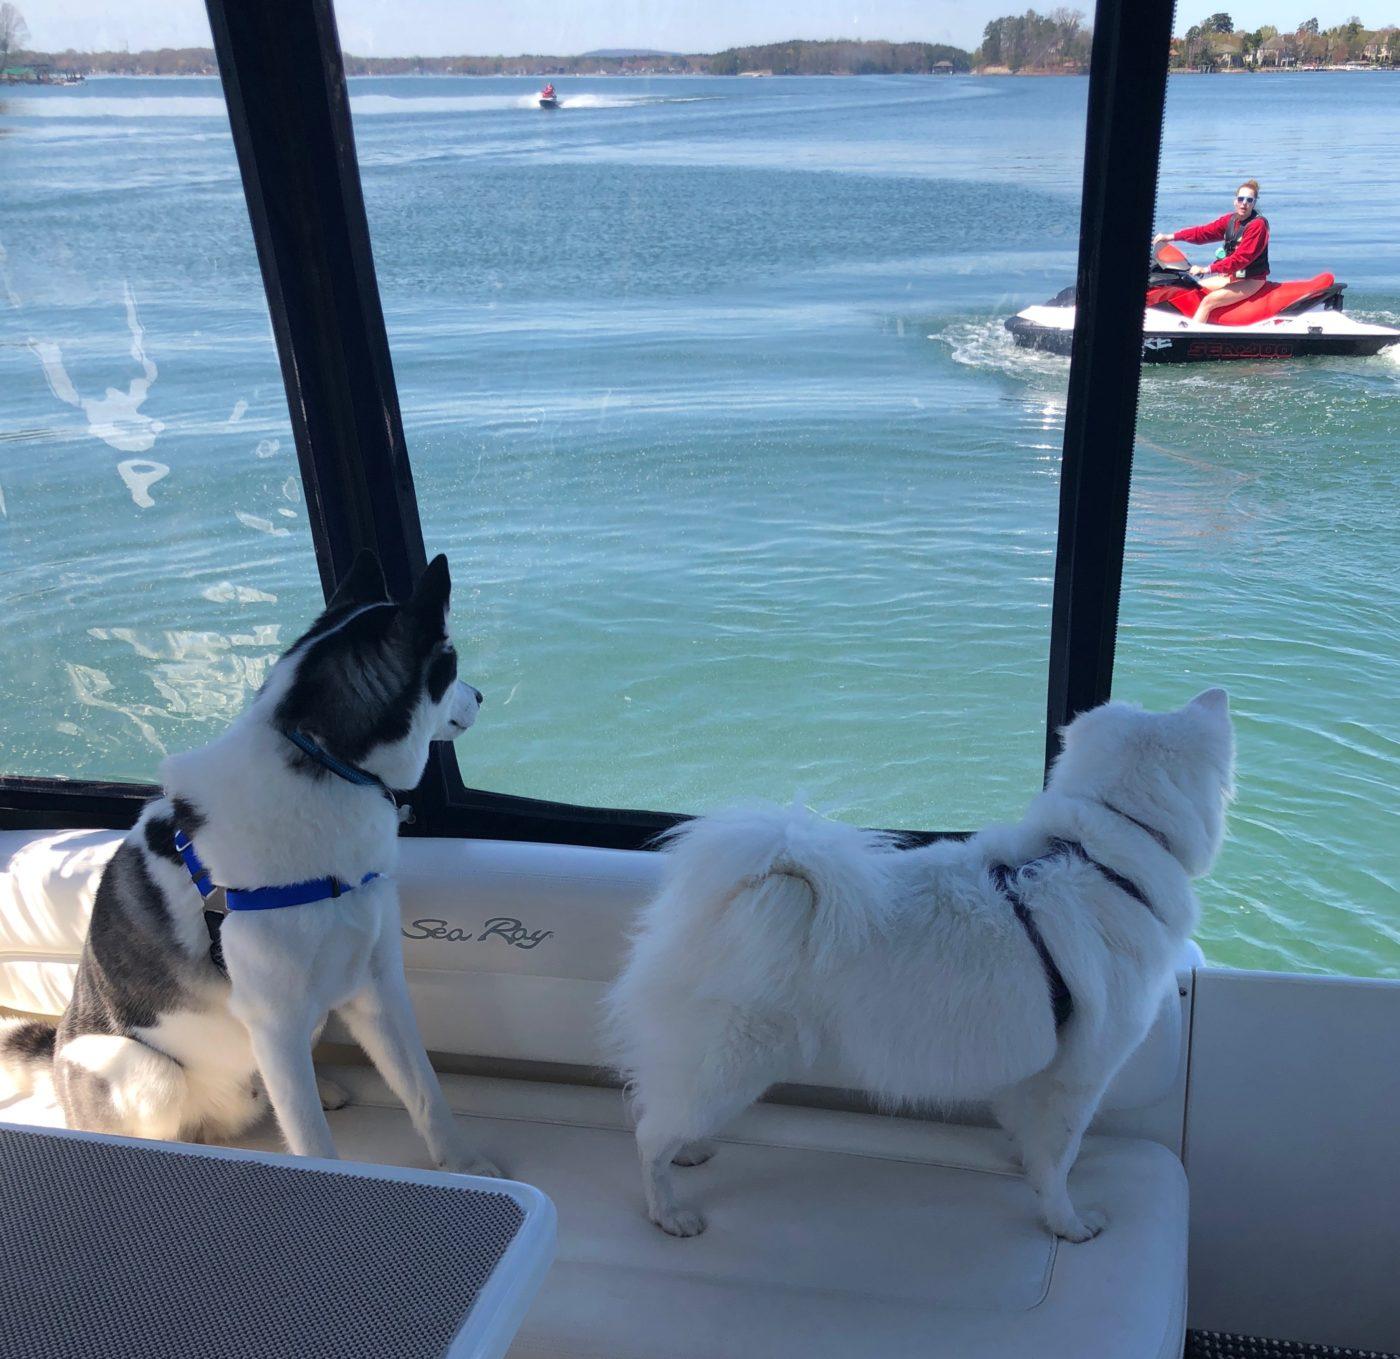 #huskytraining #americaneskimodogtraining #dogsonboat #nobarking #chalottedogtrainers